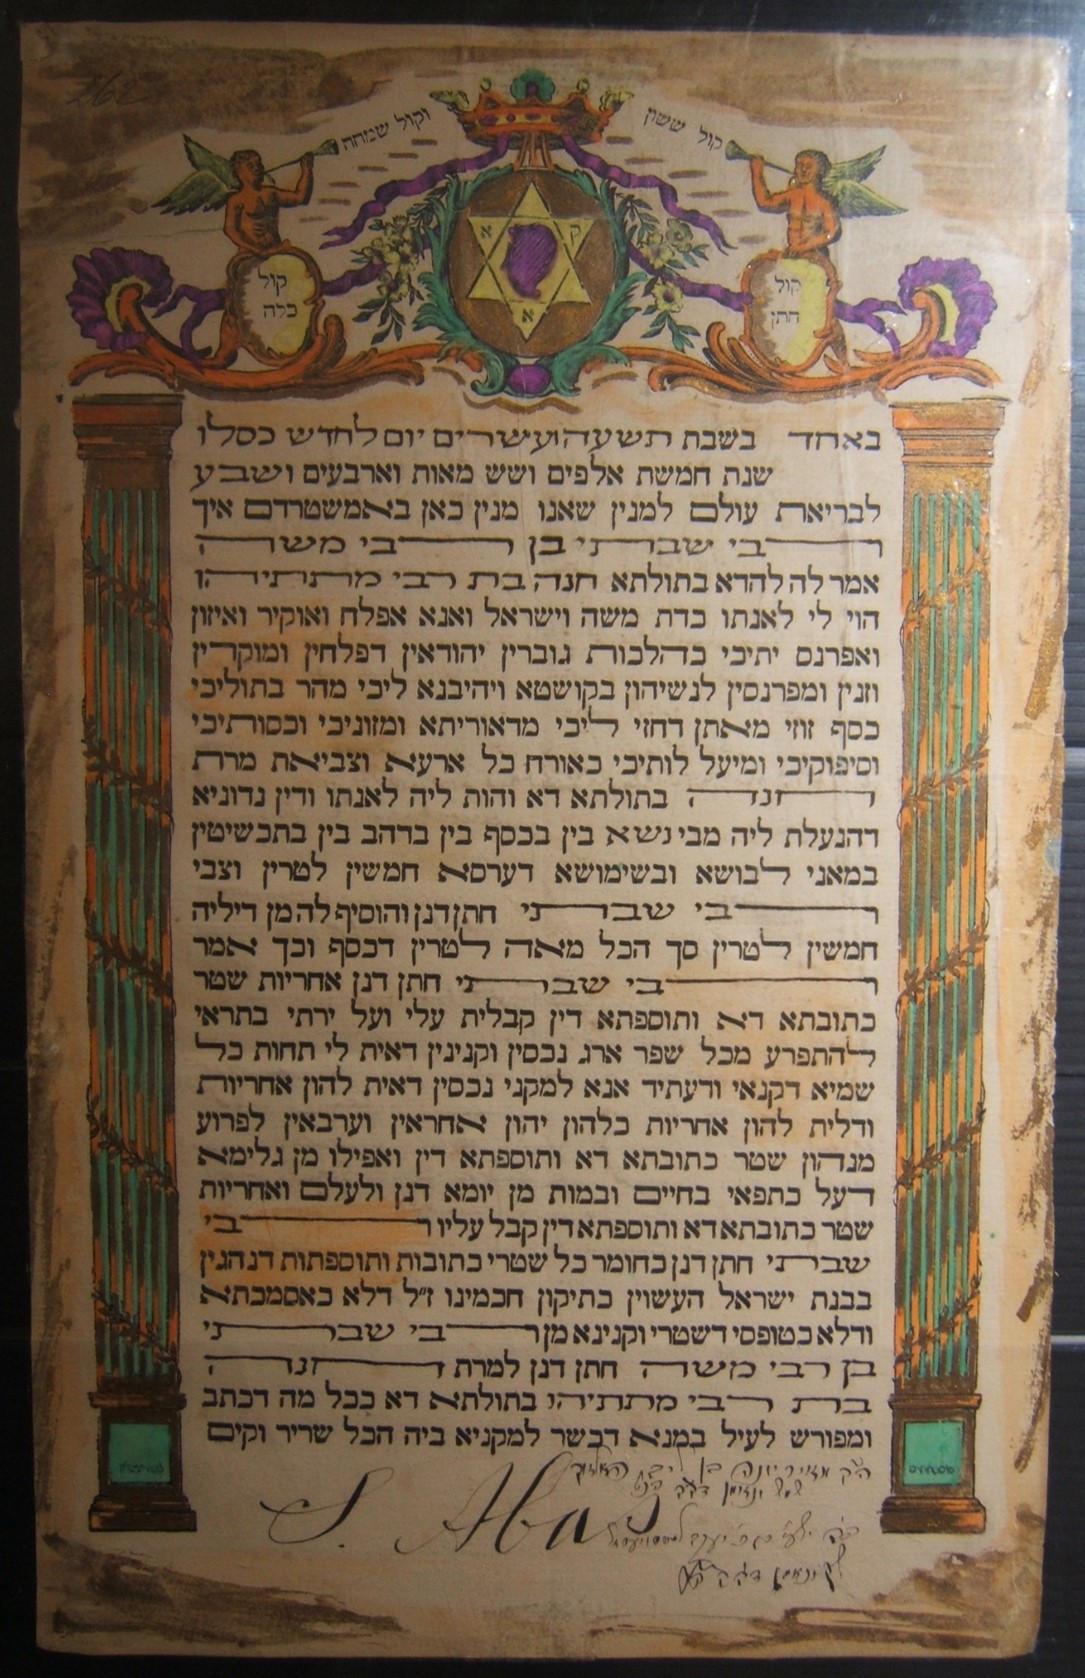 תעודת נישואין יהודיה מאויירת, מצוירת בצבעי קדוה, בעברית, 1886